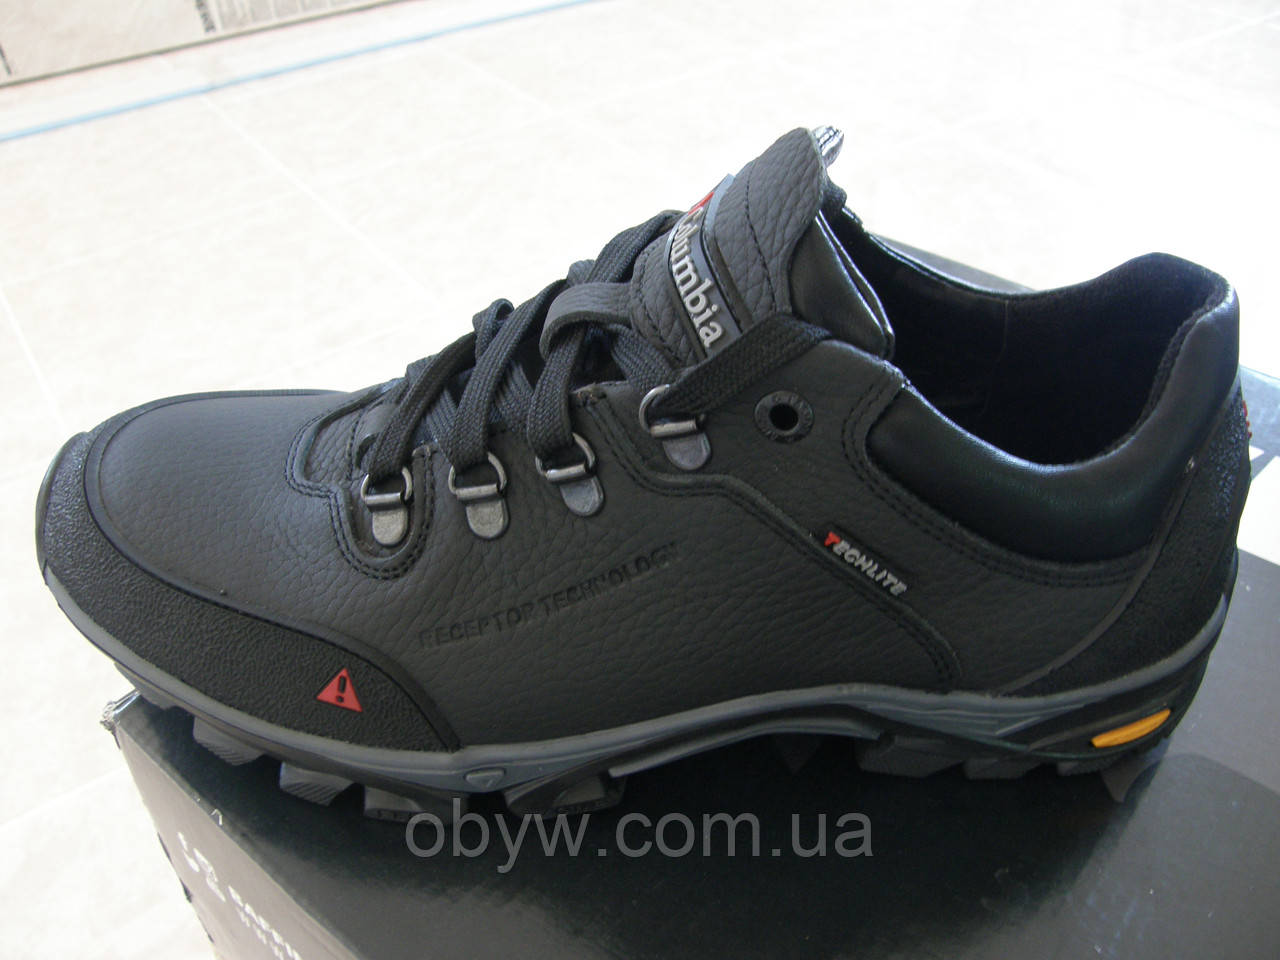 Мужская  обувь Calambia